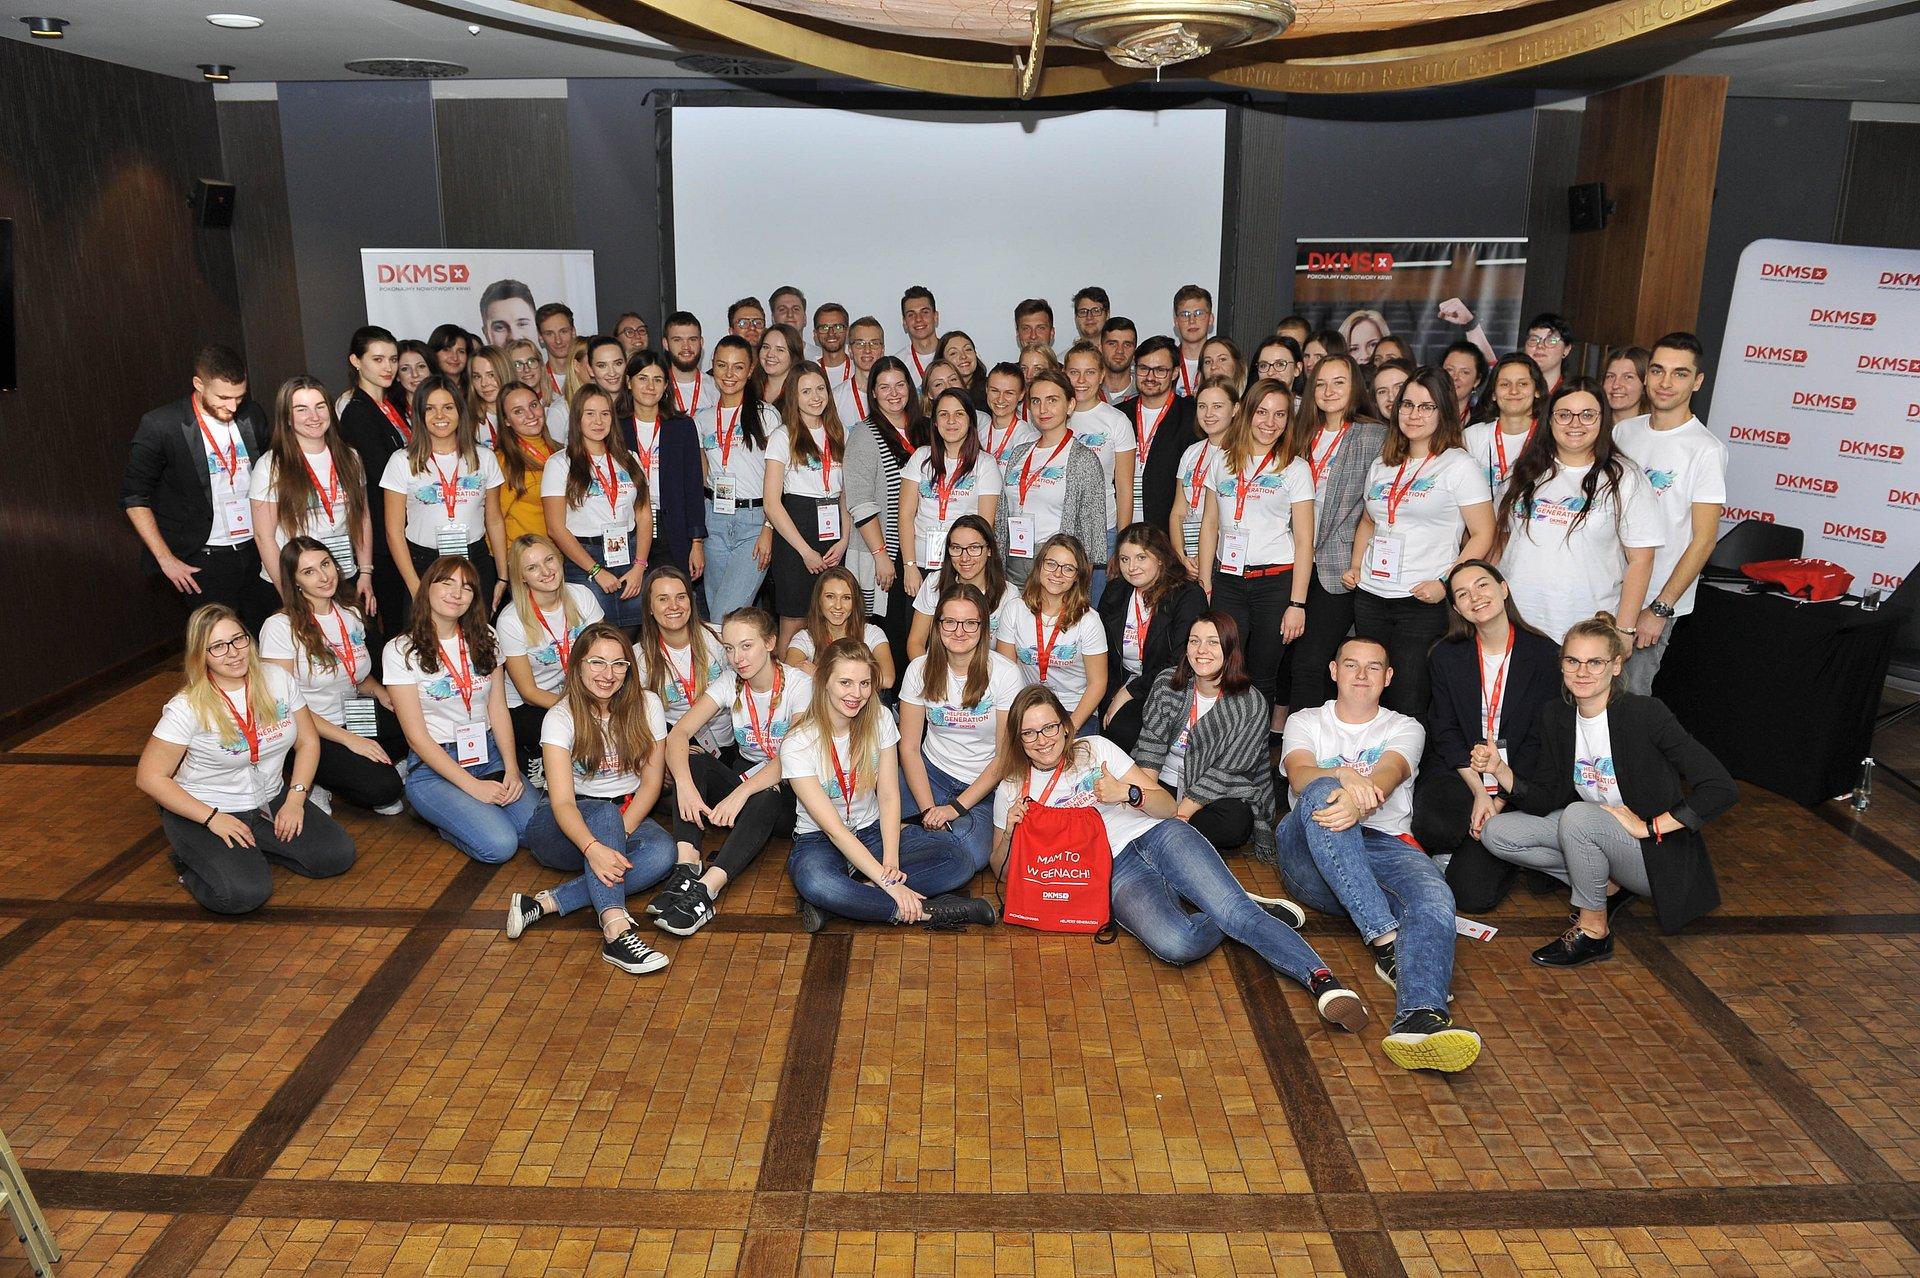 Studenci z Katowic połączą siły, żeby pomóc chorym na nowotwory krwi. Rusza XII edycja akcji HELPERS' GENERATION